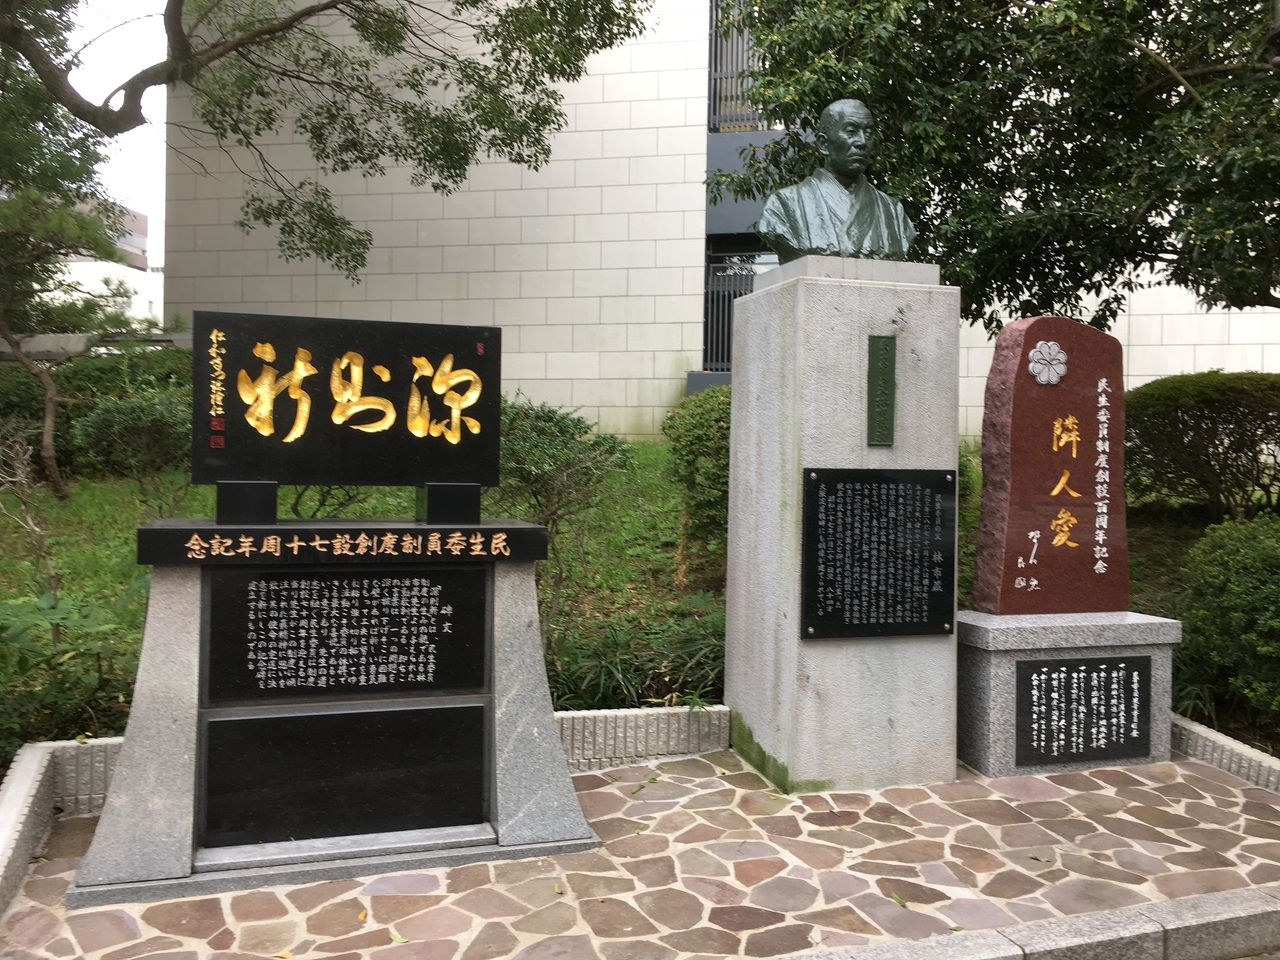 熊本城上り口にある記念碑